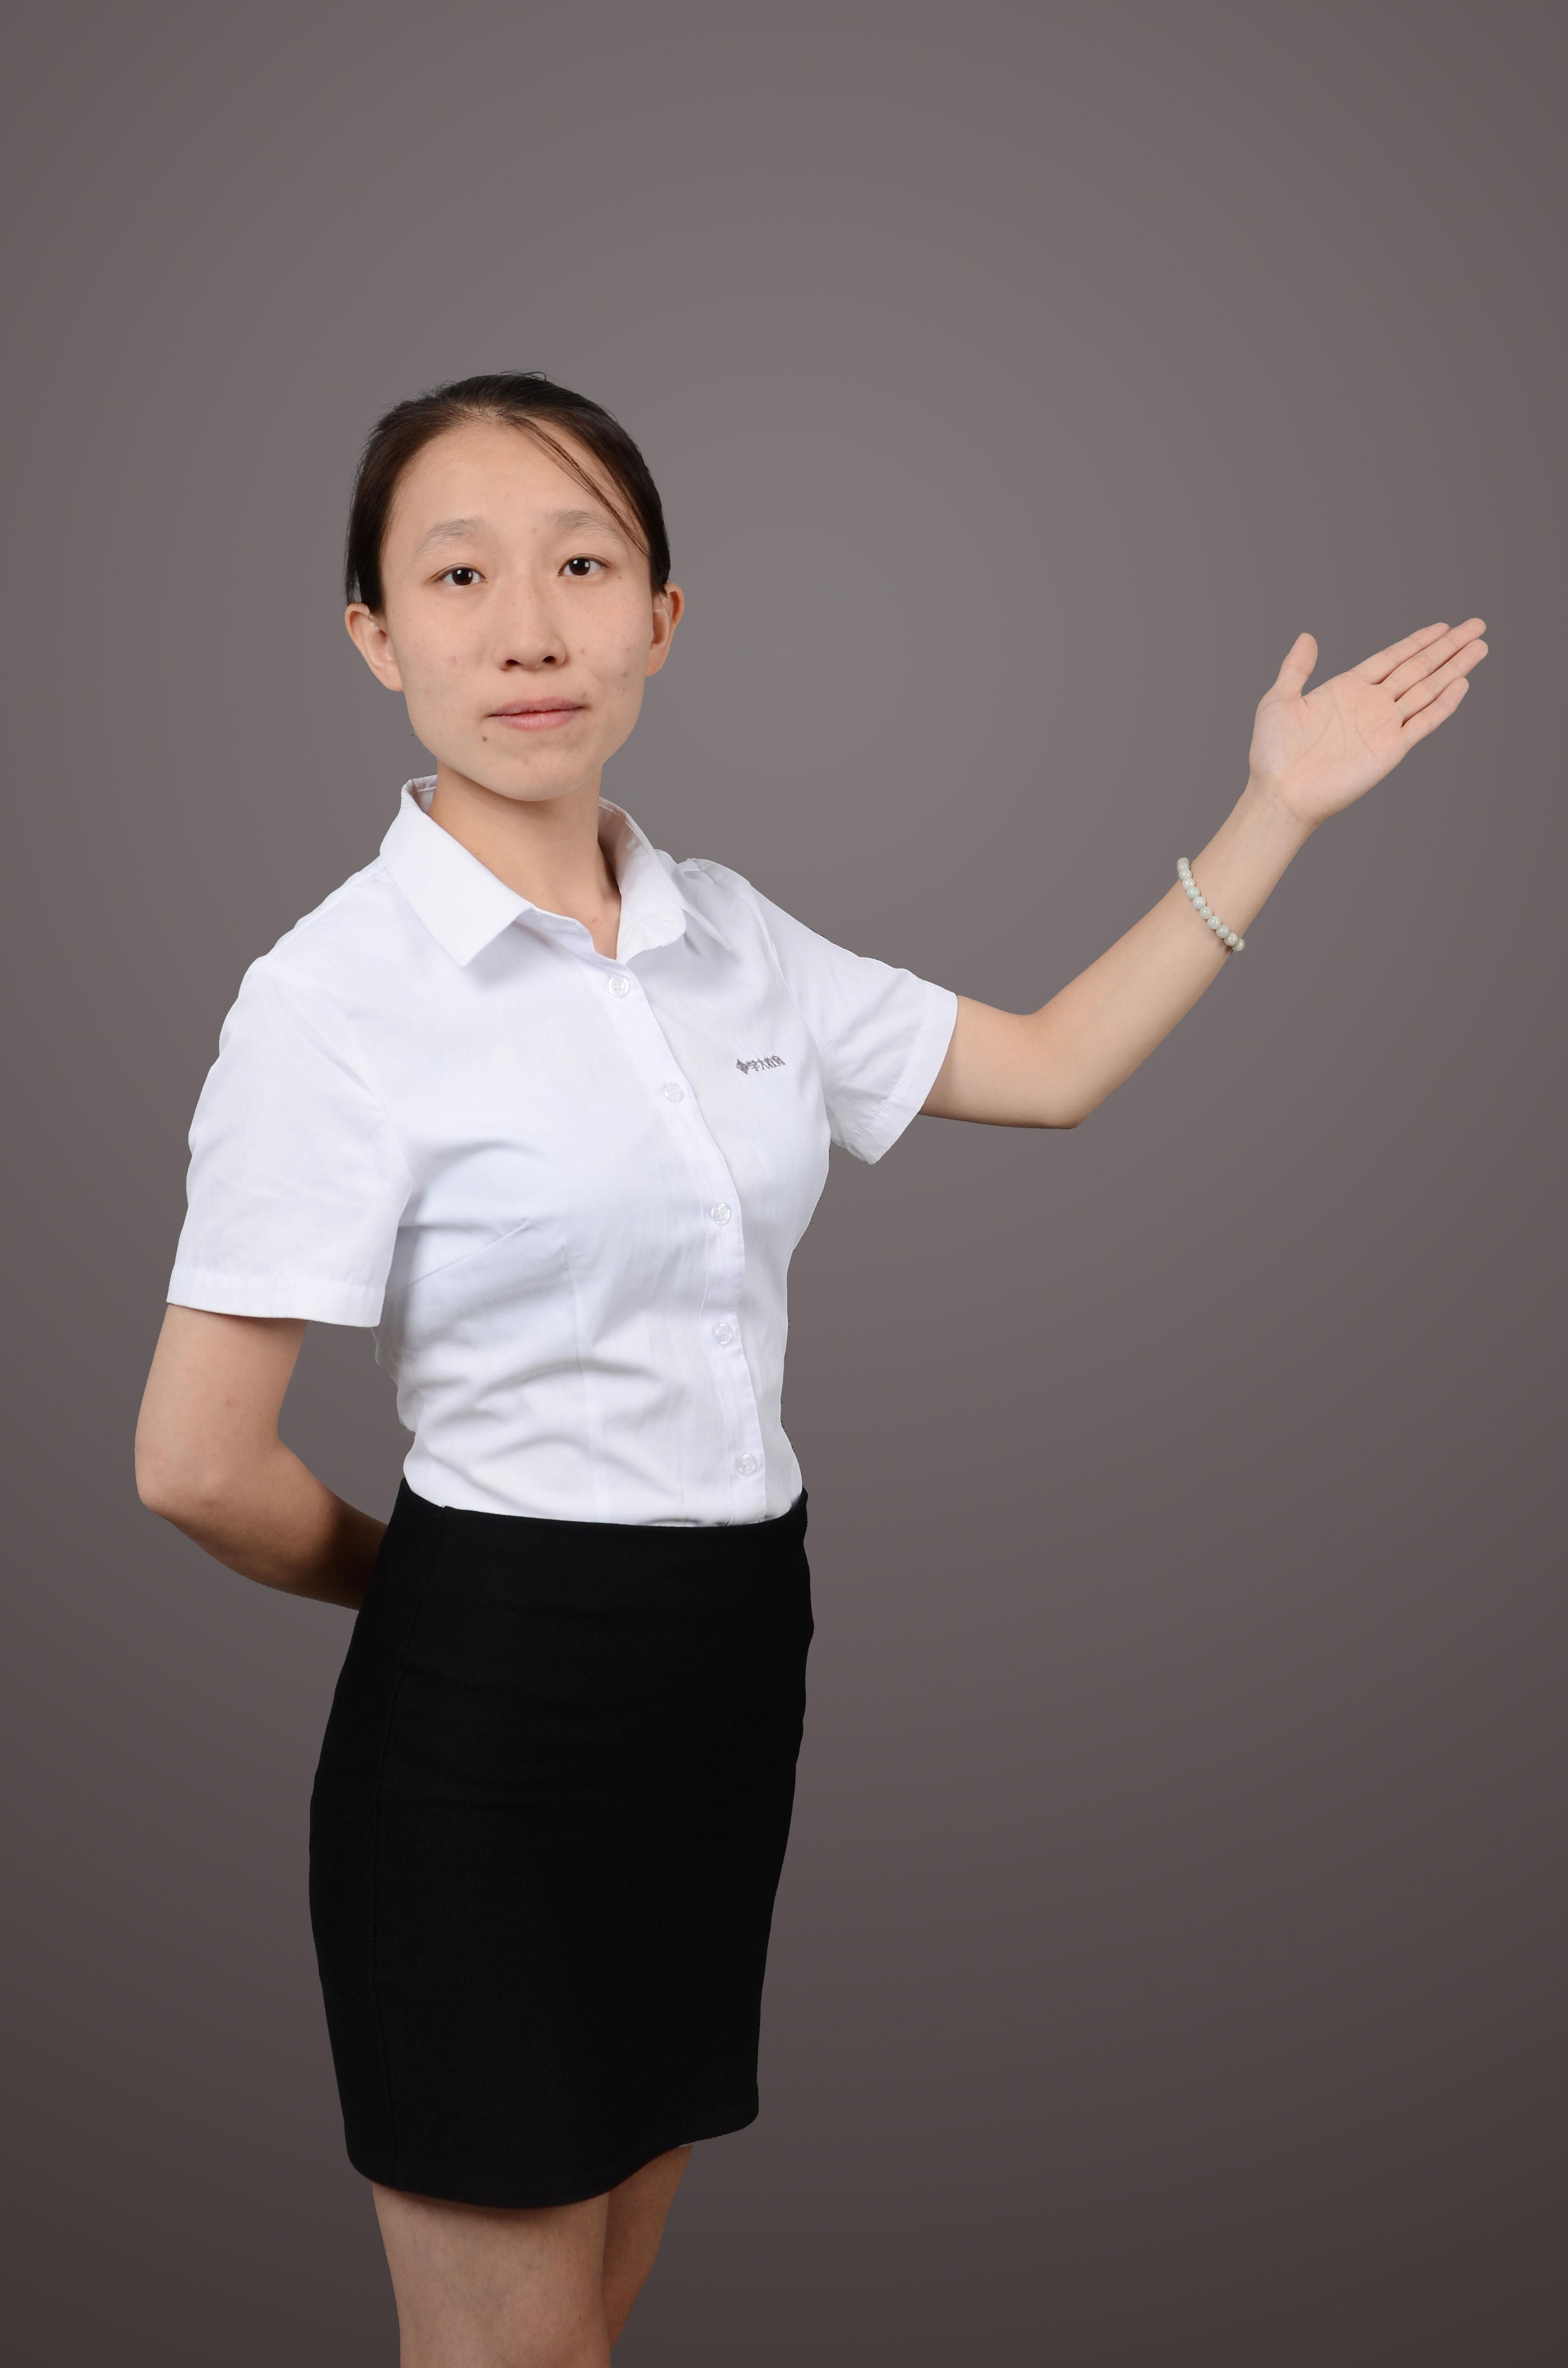 高中老师-高中化学老师_李璐